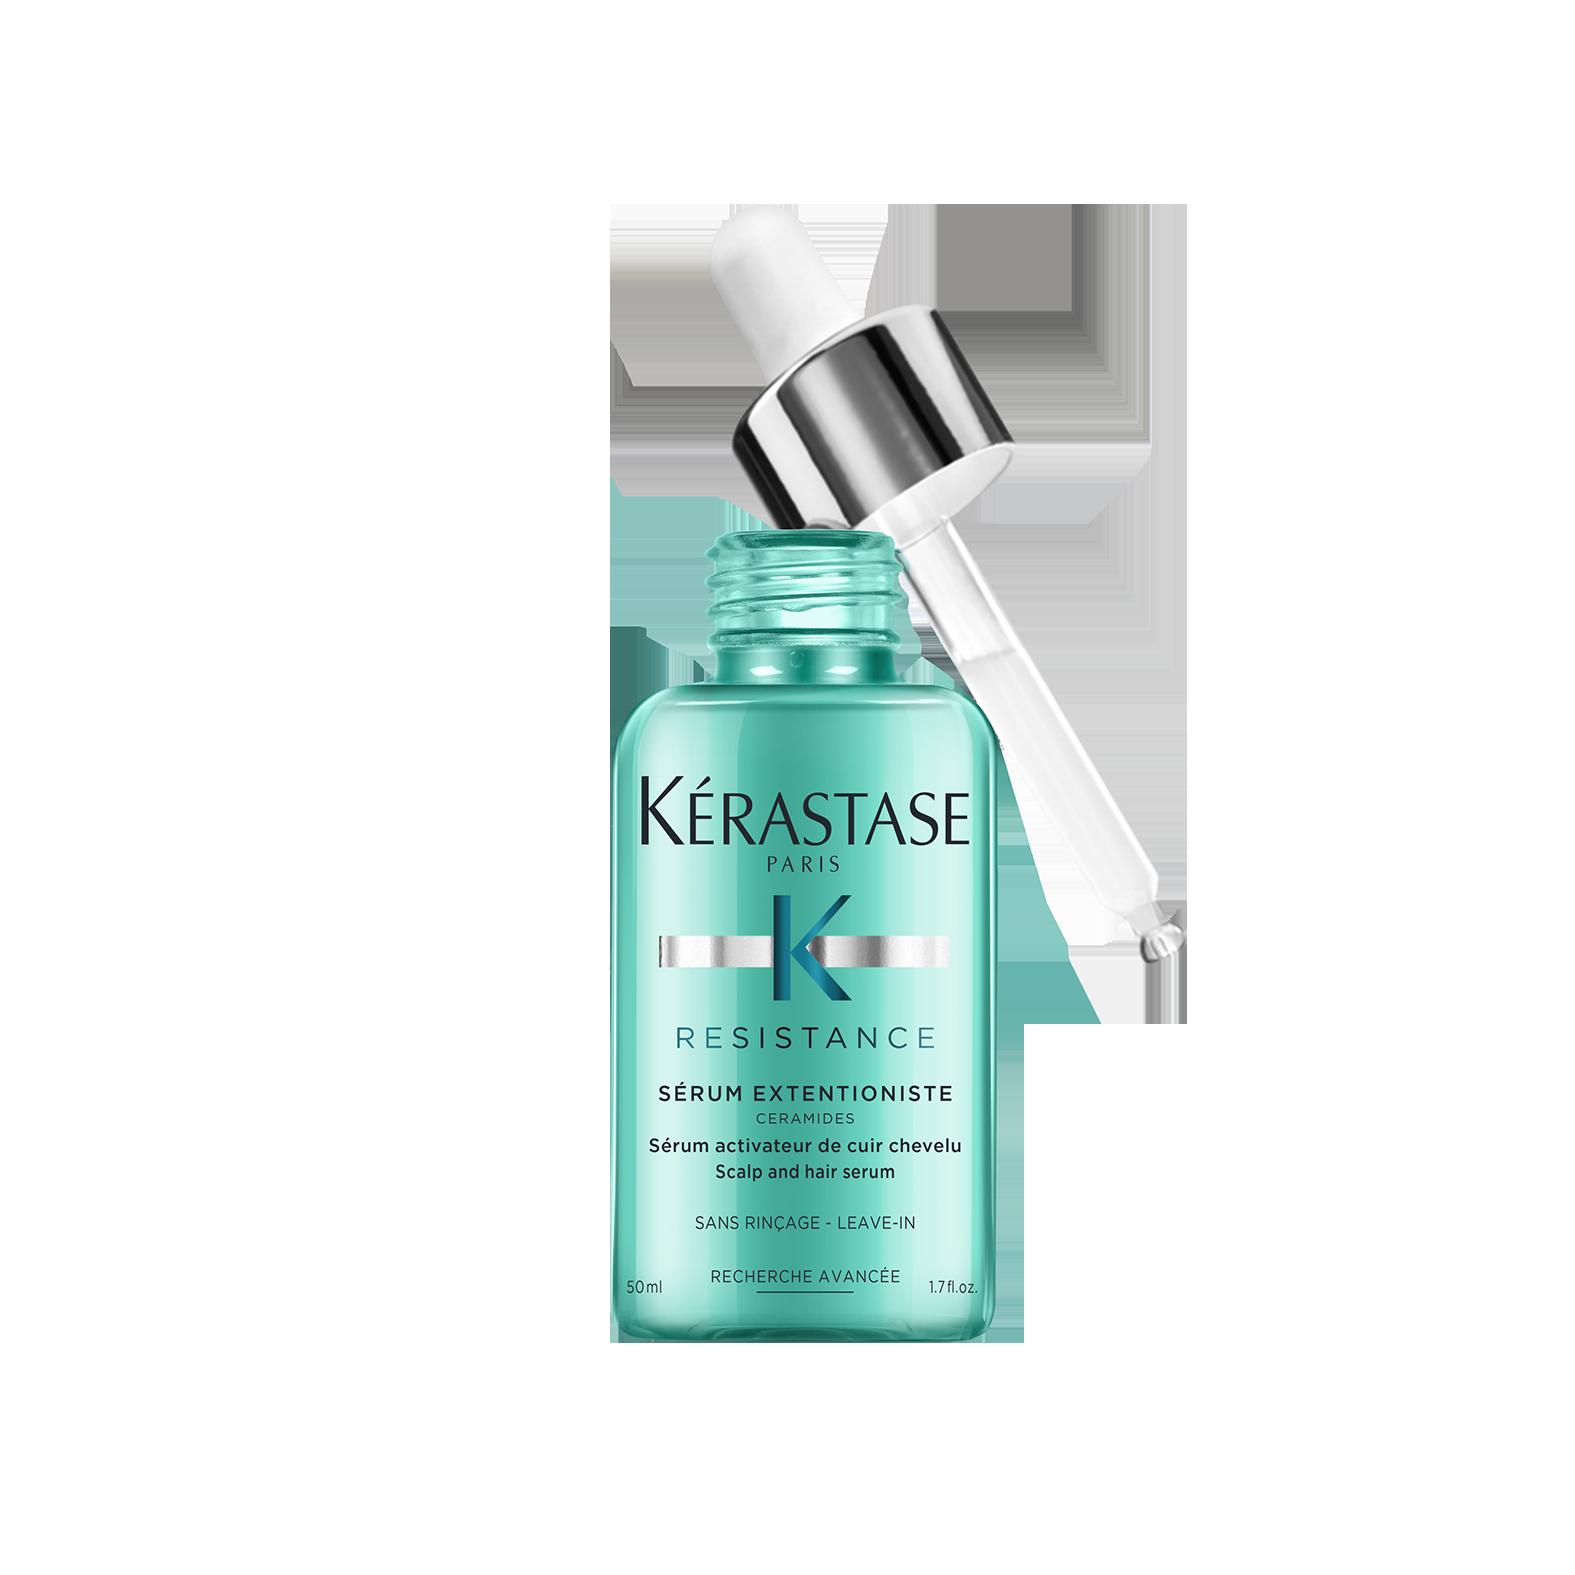 KERASTASE Сыворотка для восстановления поврежденных и ослабленных волос / Resistance Extentioniste 50 мл